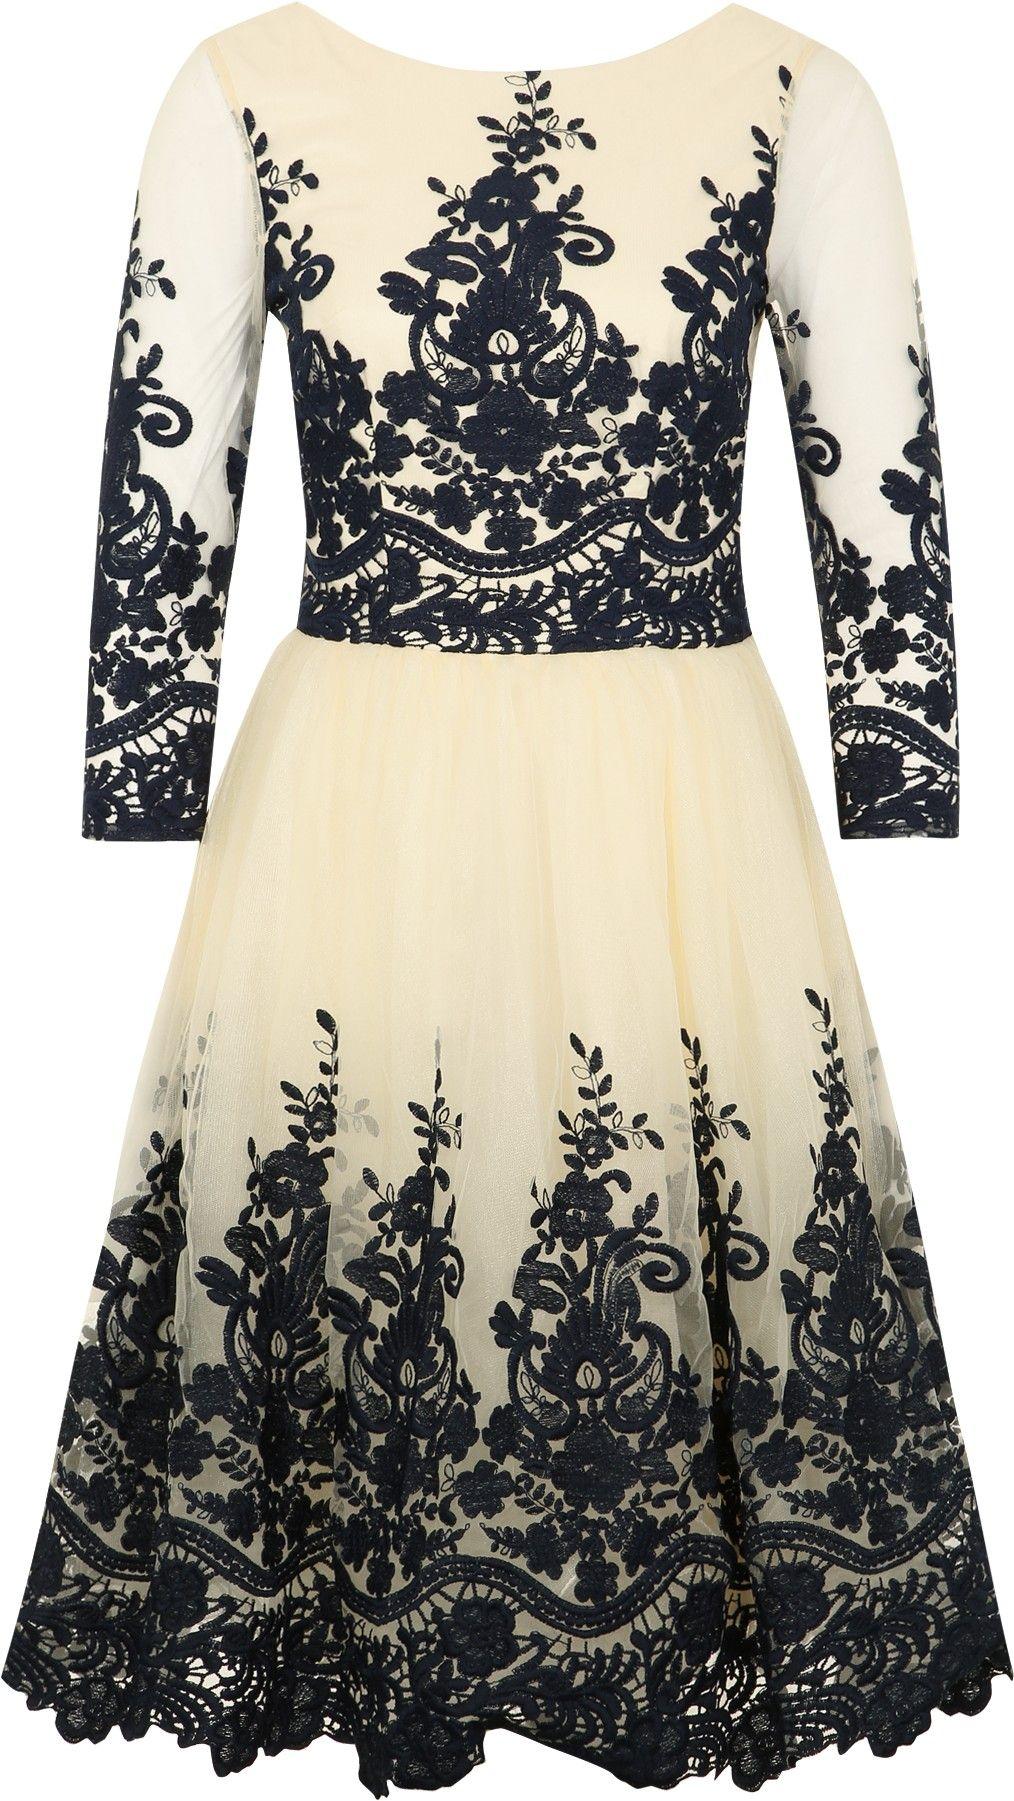 brautkleid mit schwarzer spitze | kleider, mode, brautkleid